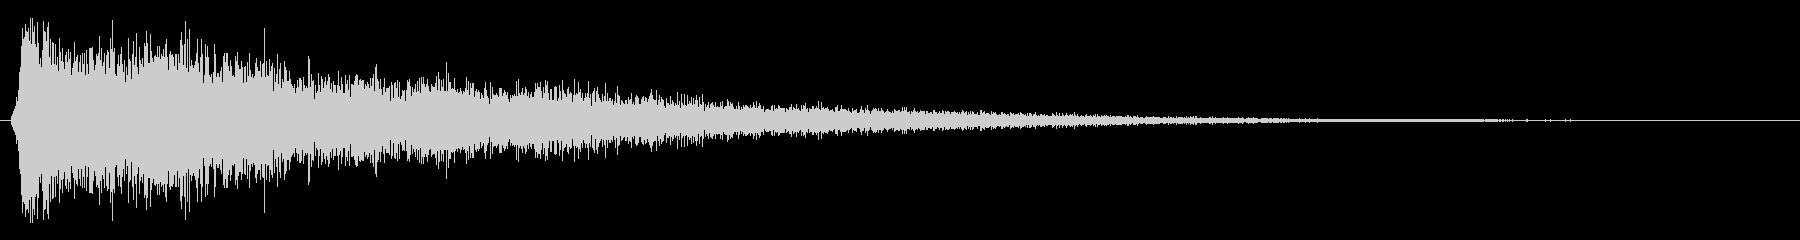 シャーン(ハイハットの音)の未再生の波形